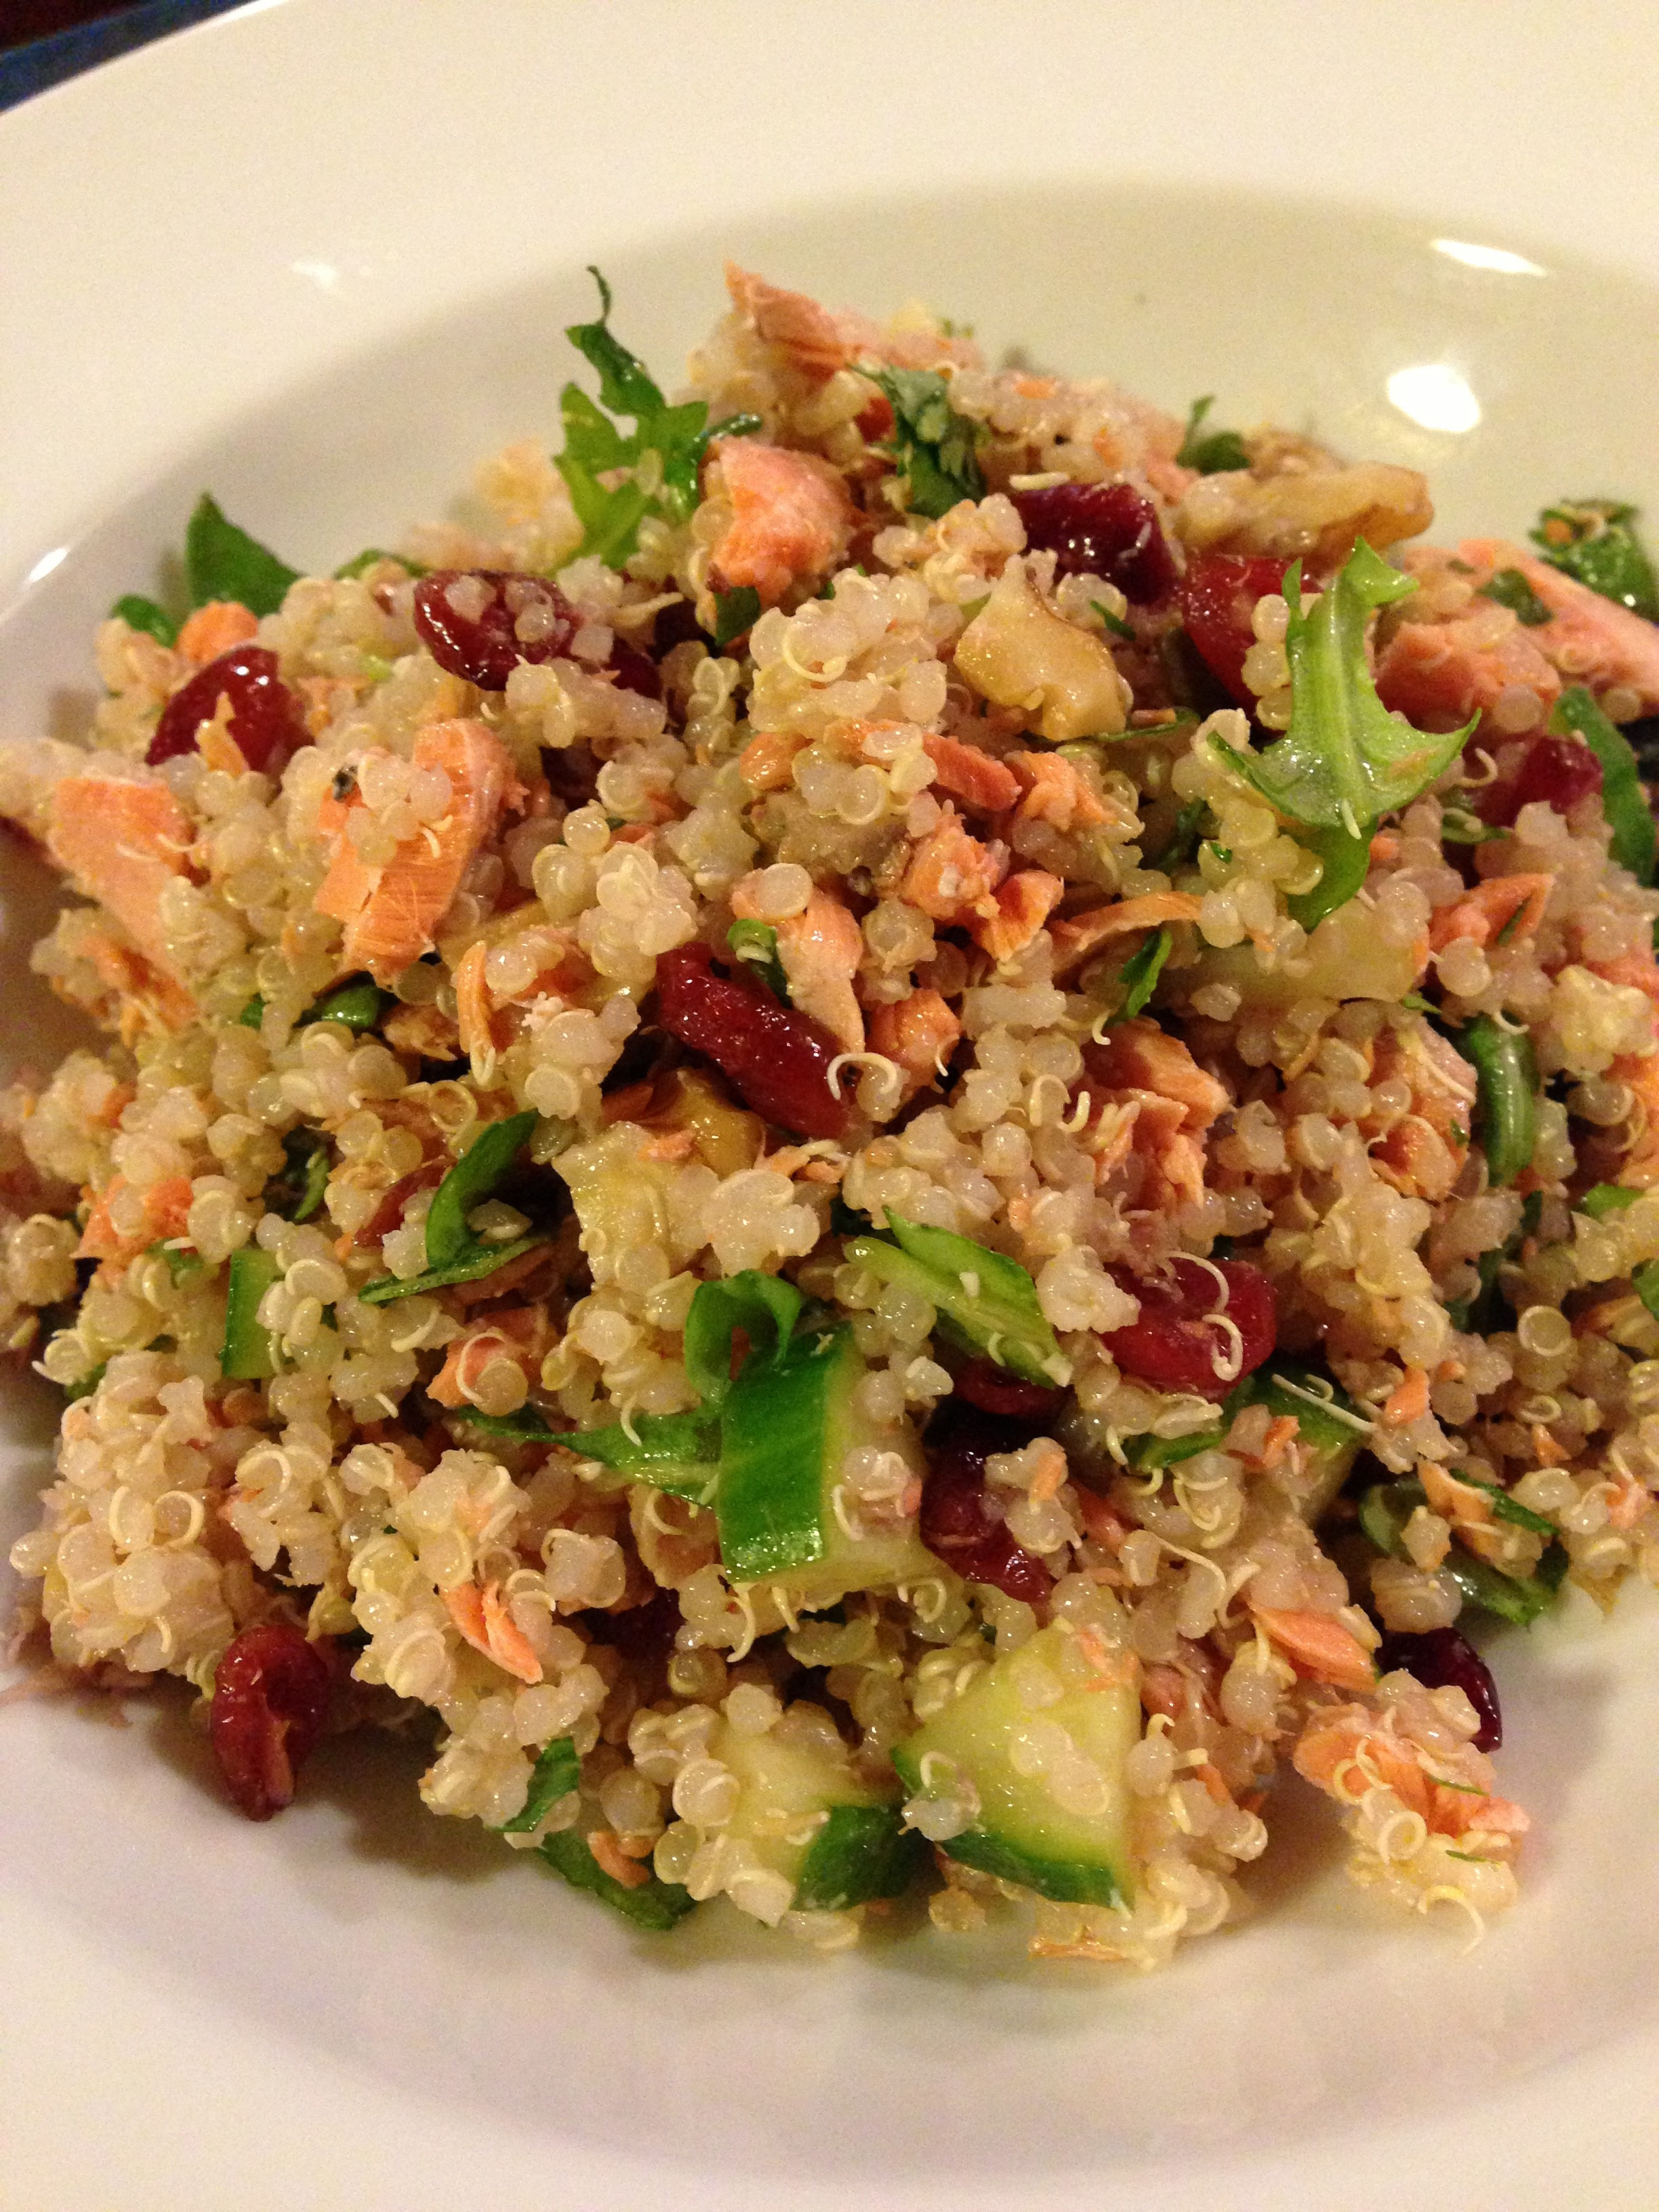 Quinoa Salad Healthy  Healthy Quinoa Salad with Salmon Cucumber Cranberries